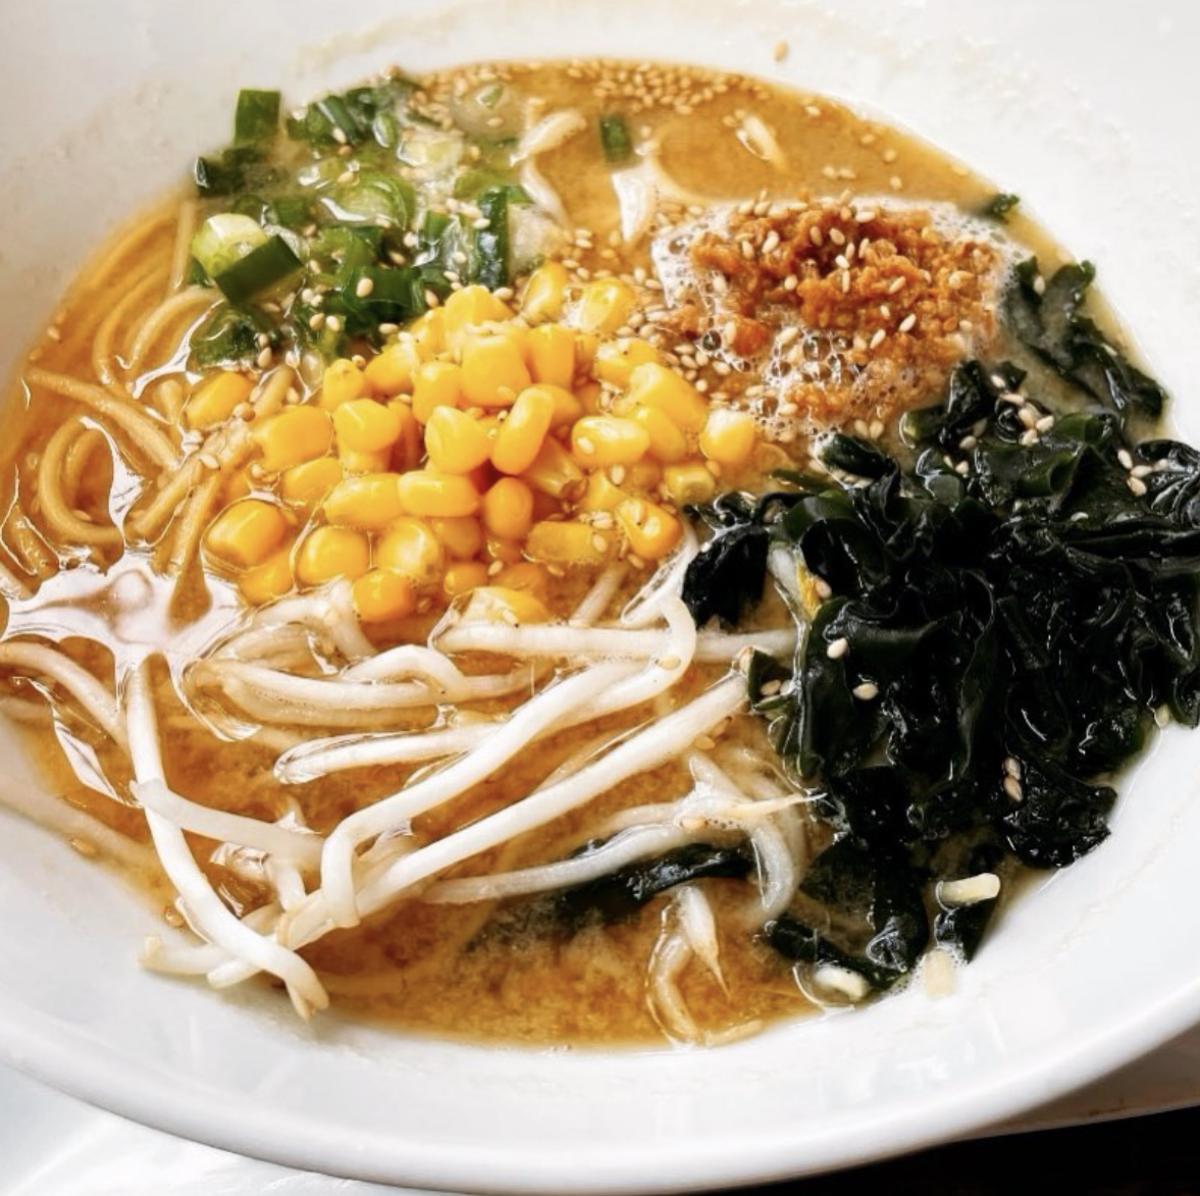 Vegilicious soup